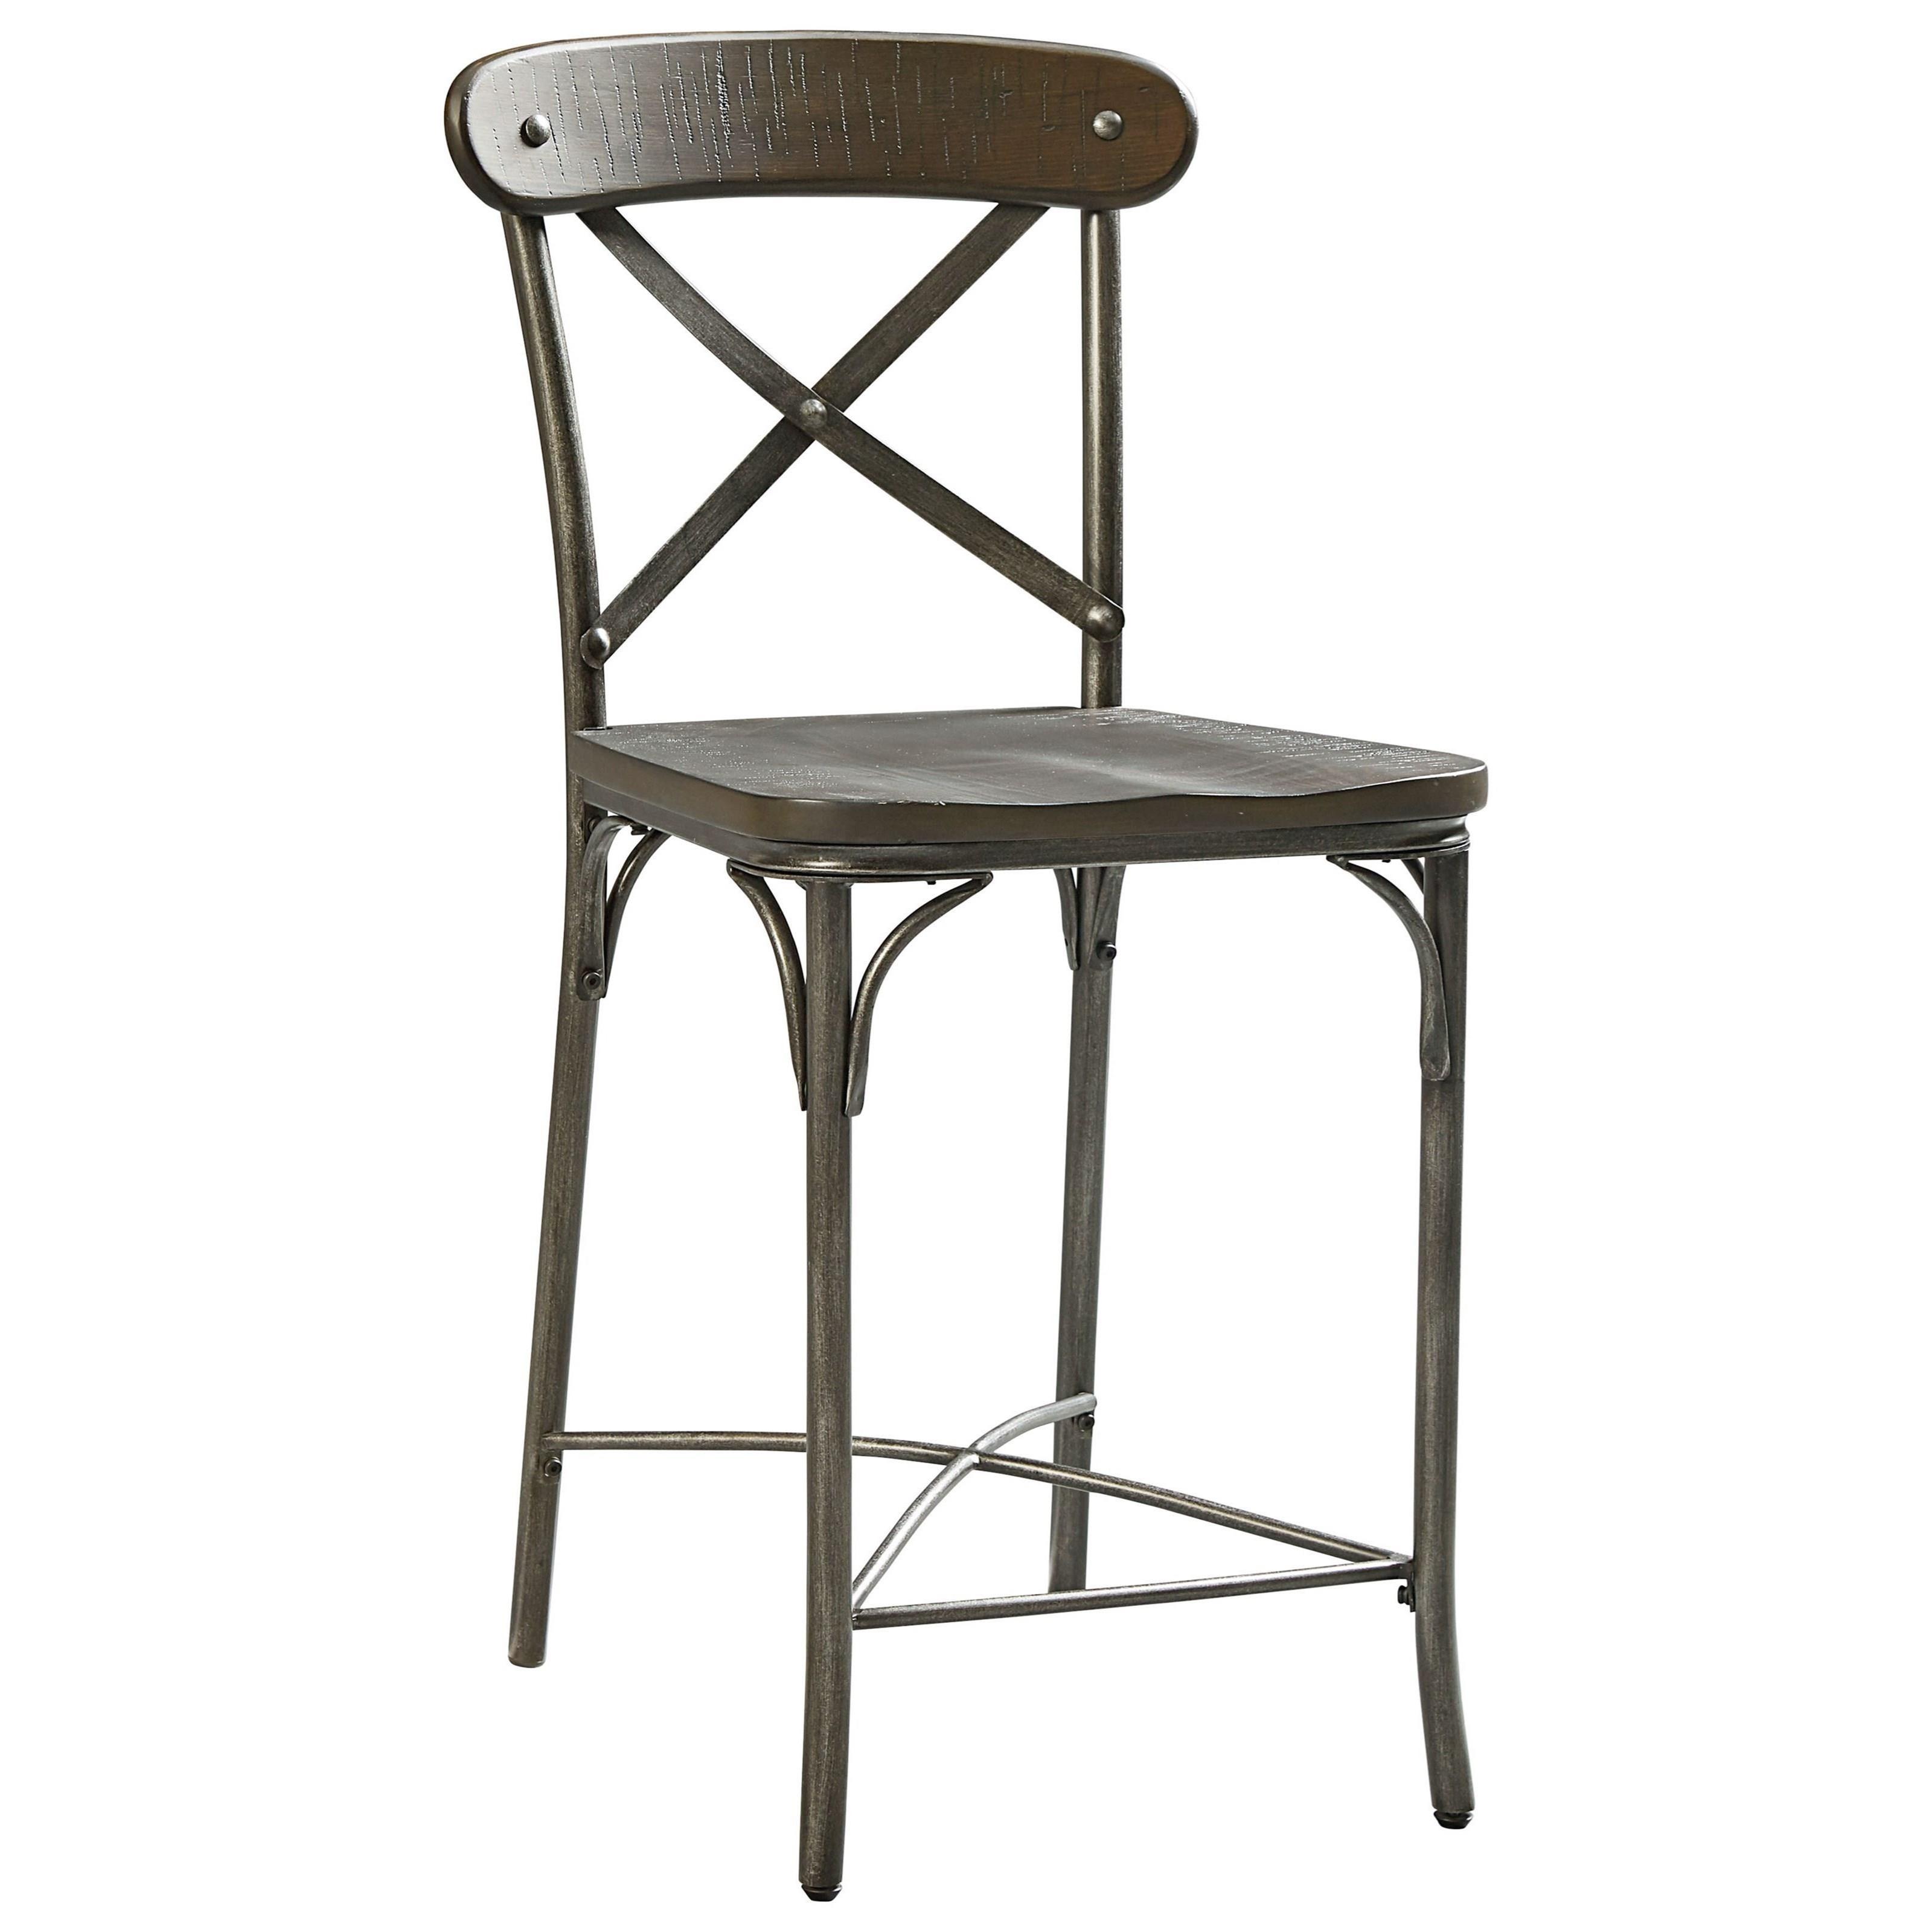 Standard furniture montvale industrial metal back stool